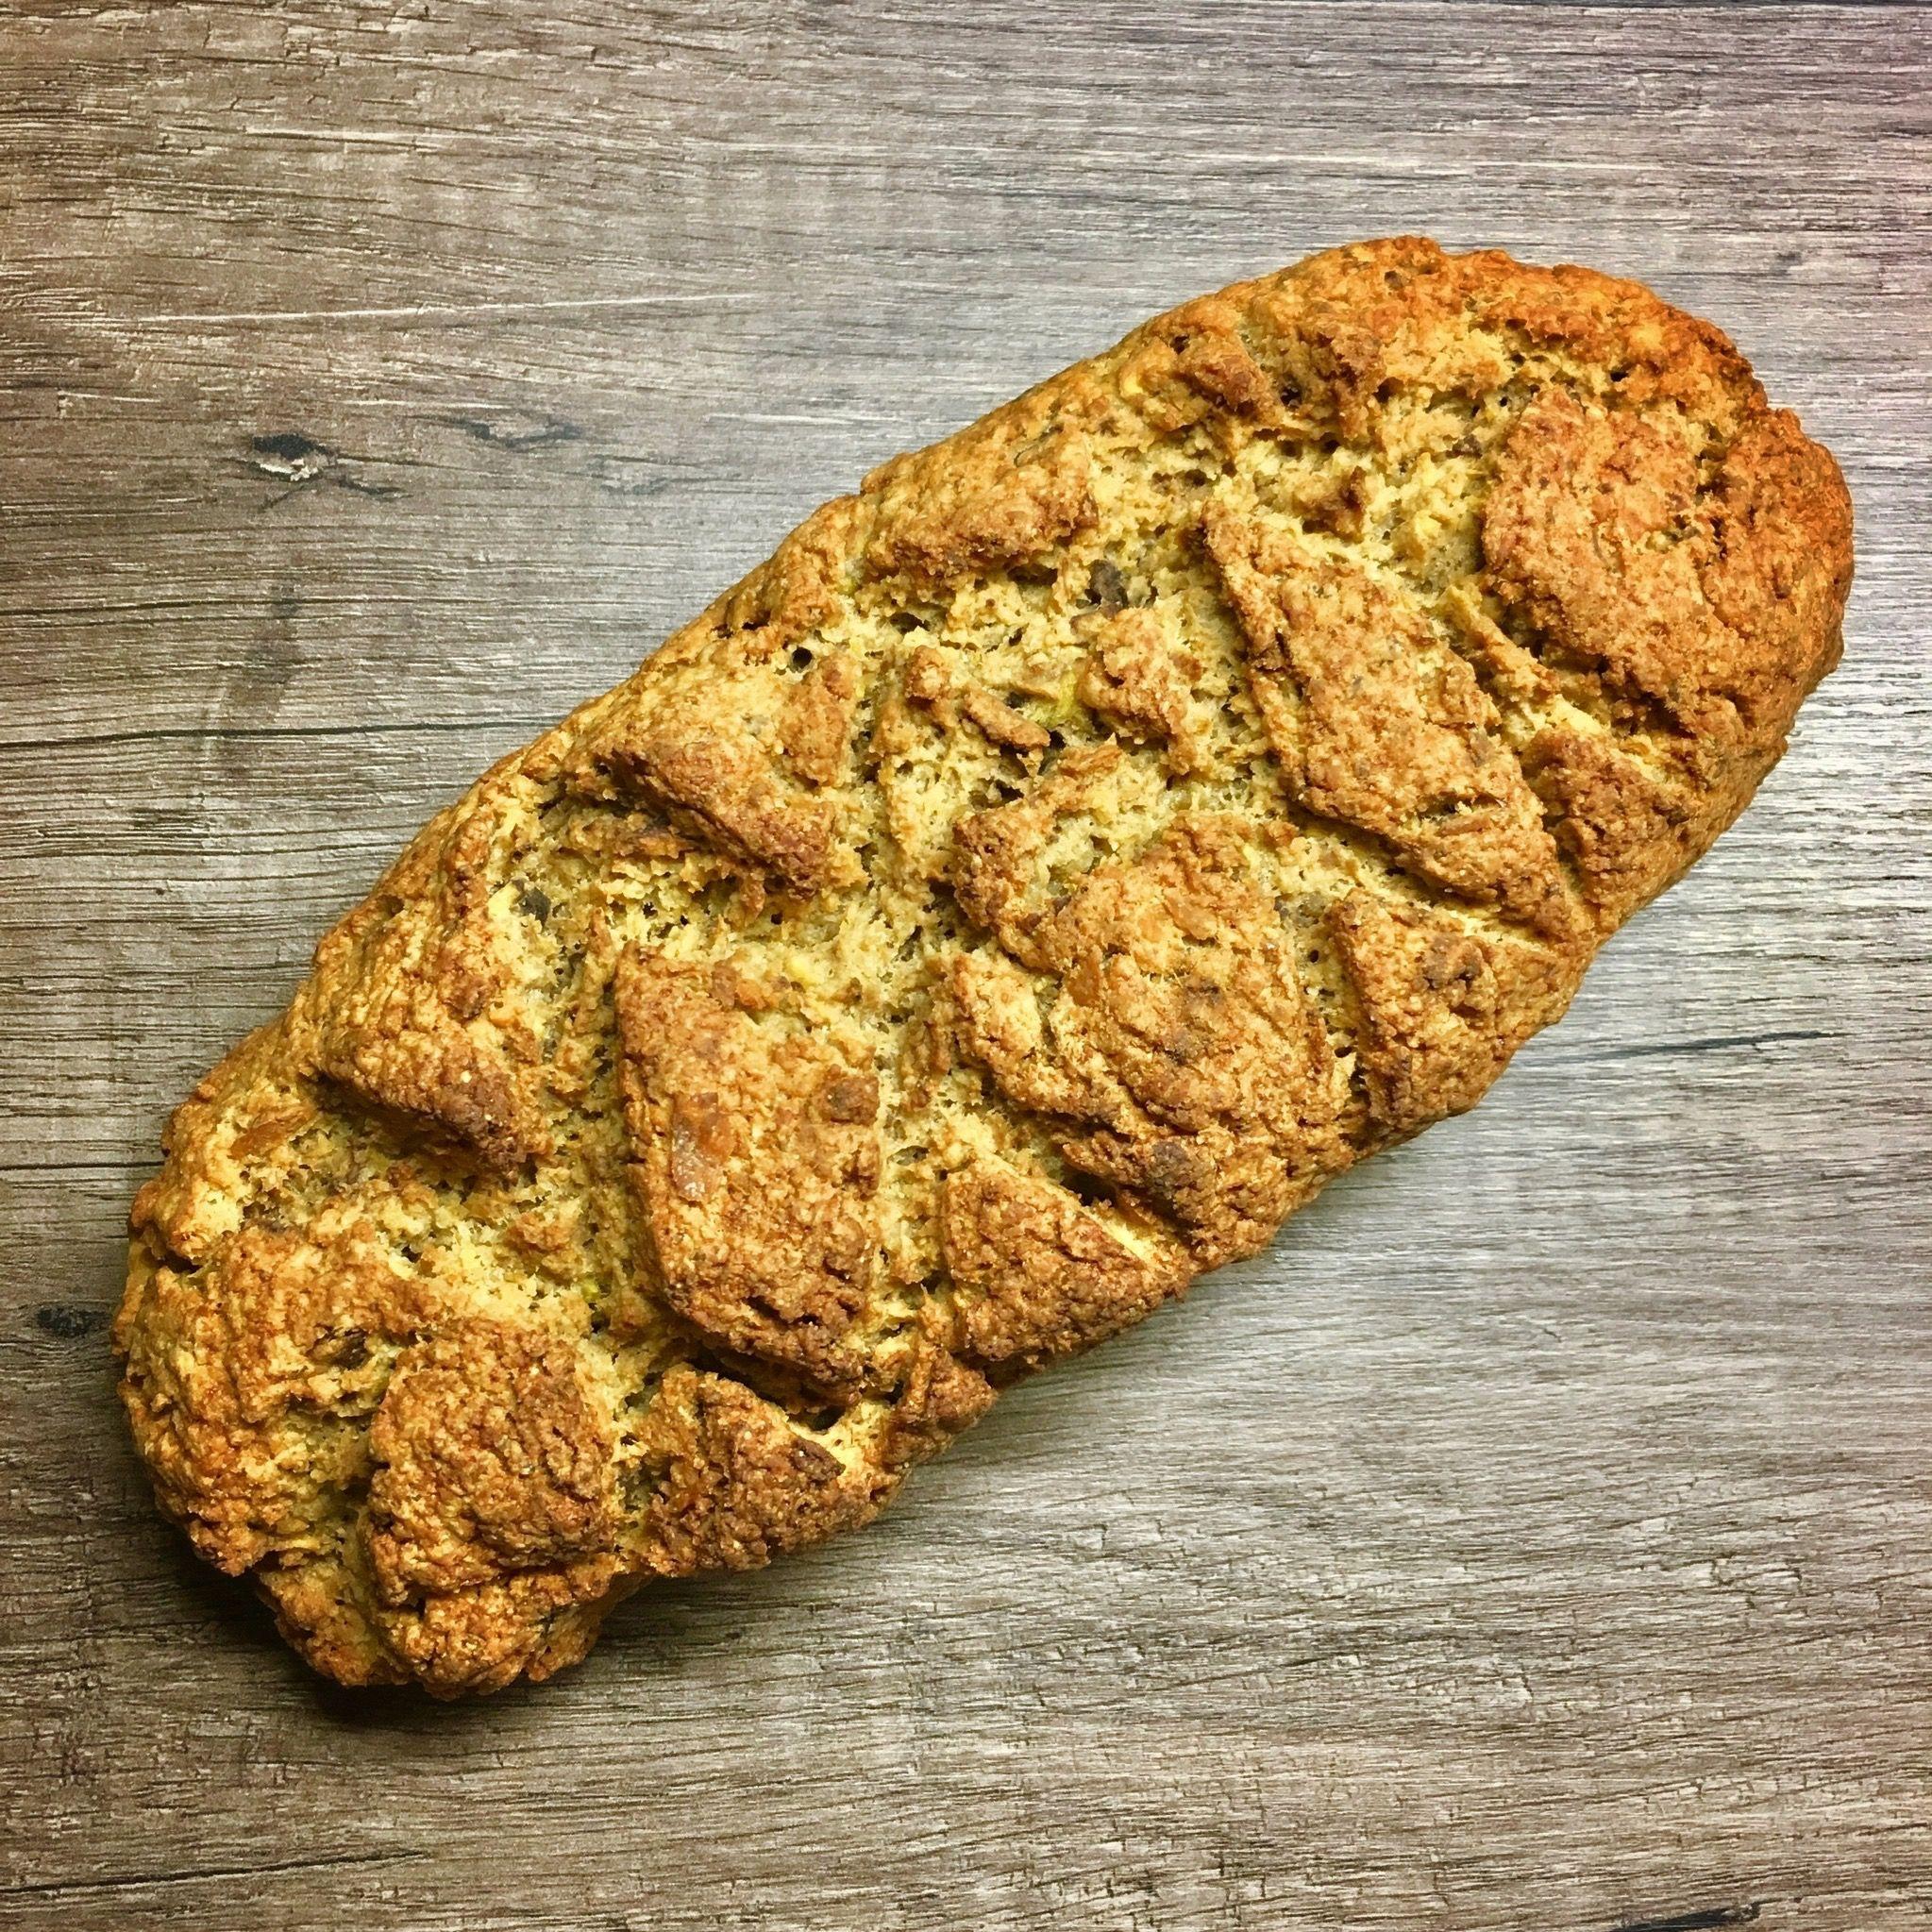 AIP Rezepte AIP Brot. Viele Autoimmunerkrankte vermissen Brot